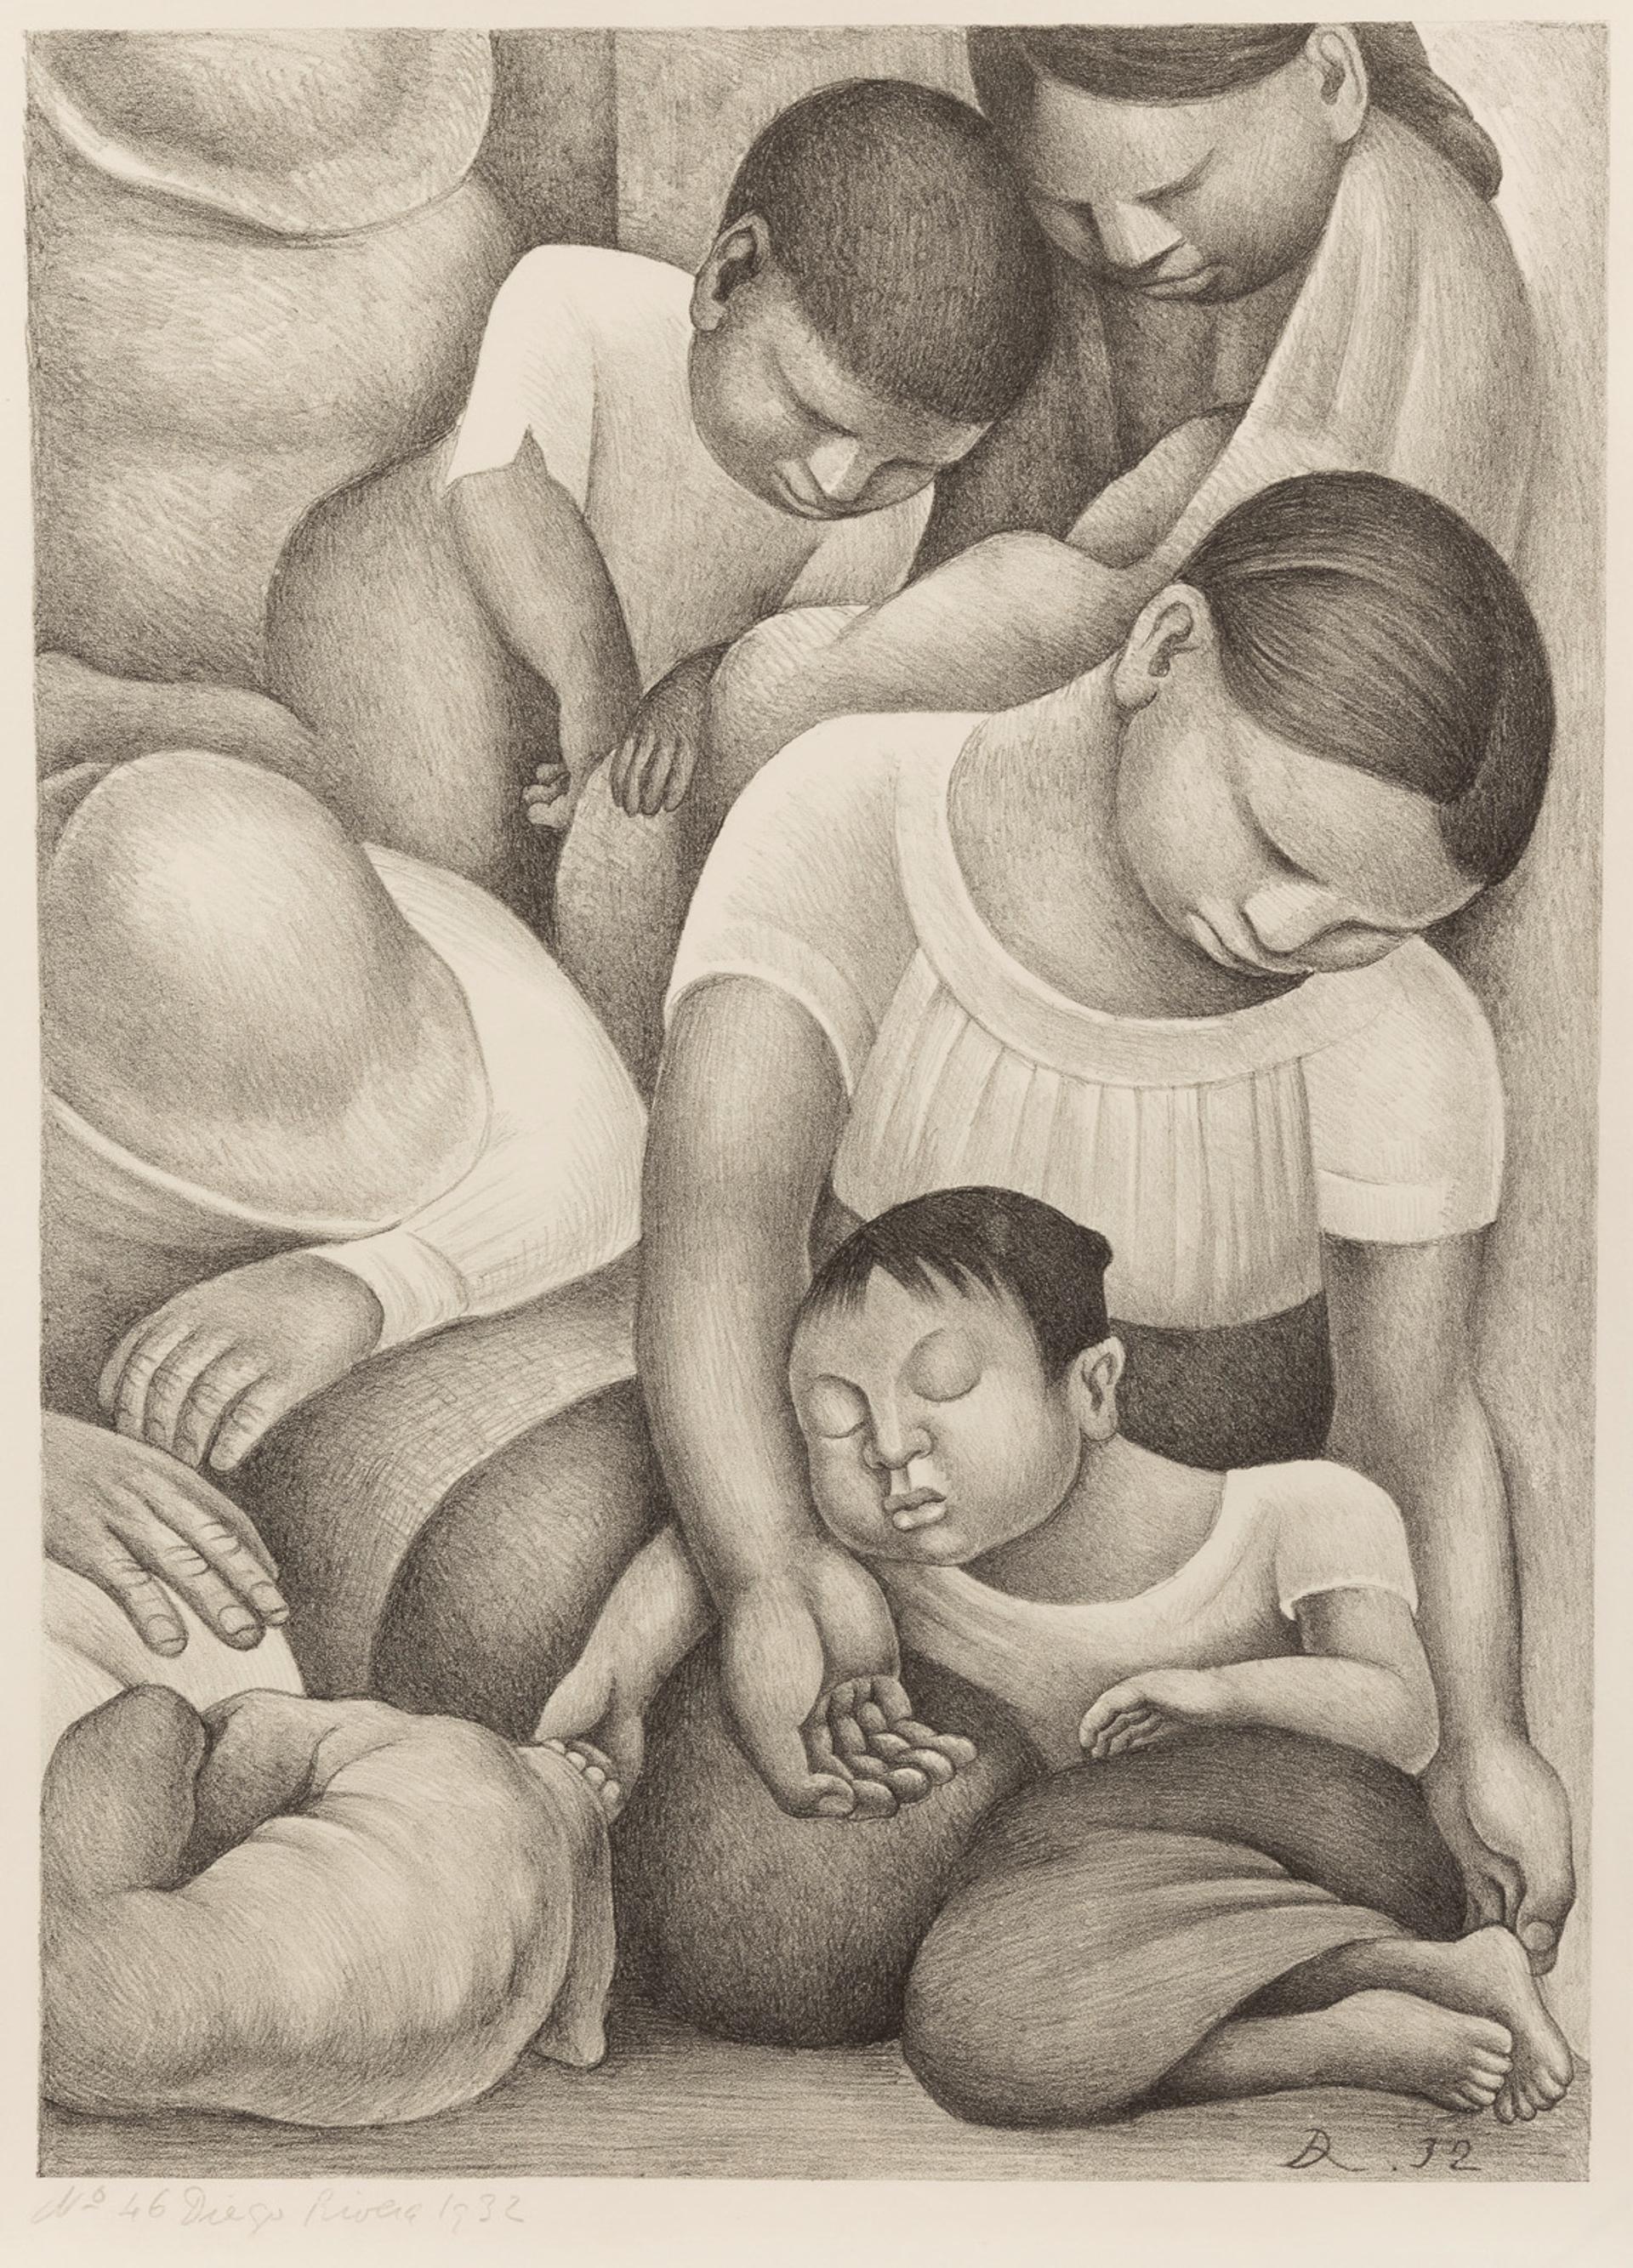 El Sueño (La Noche de los Pobres) by Diego Rivera (1886 – 1957)